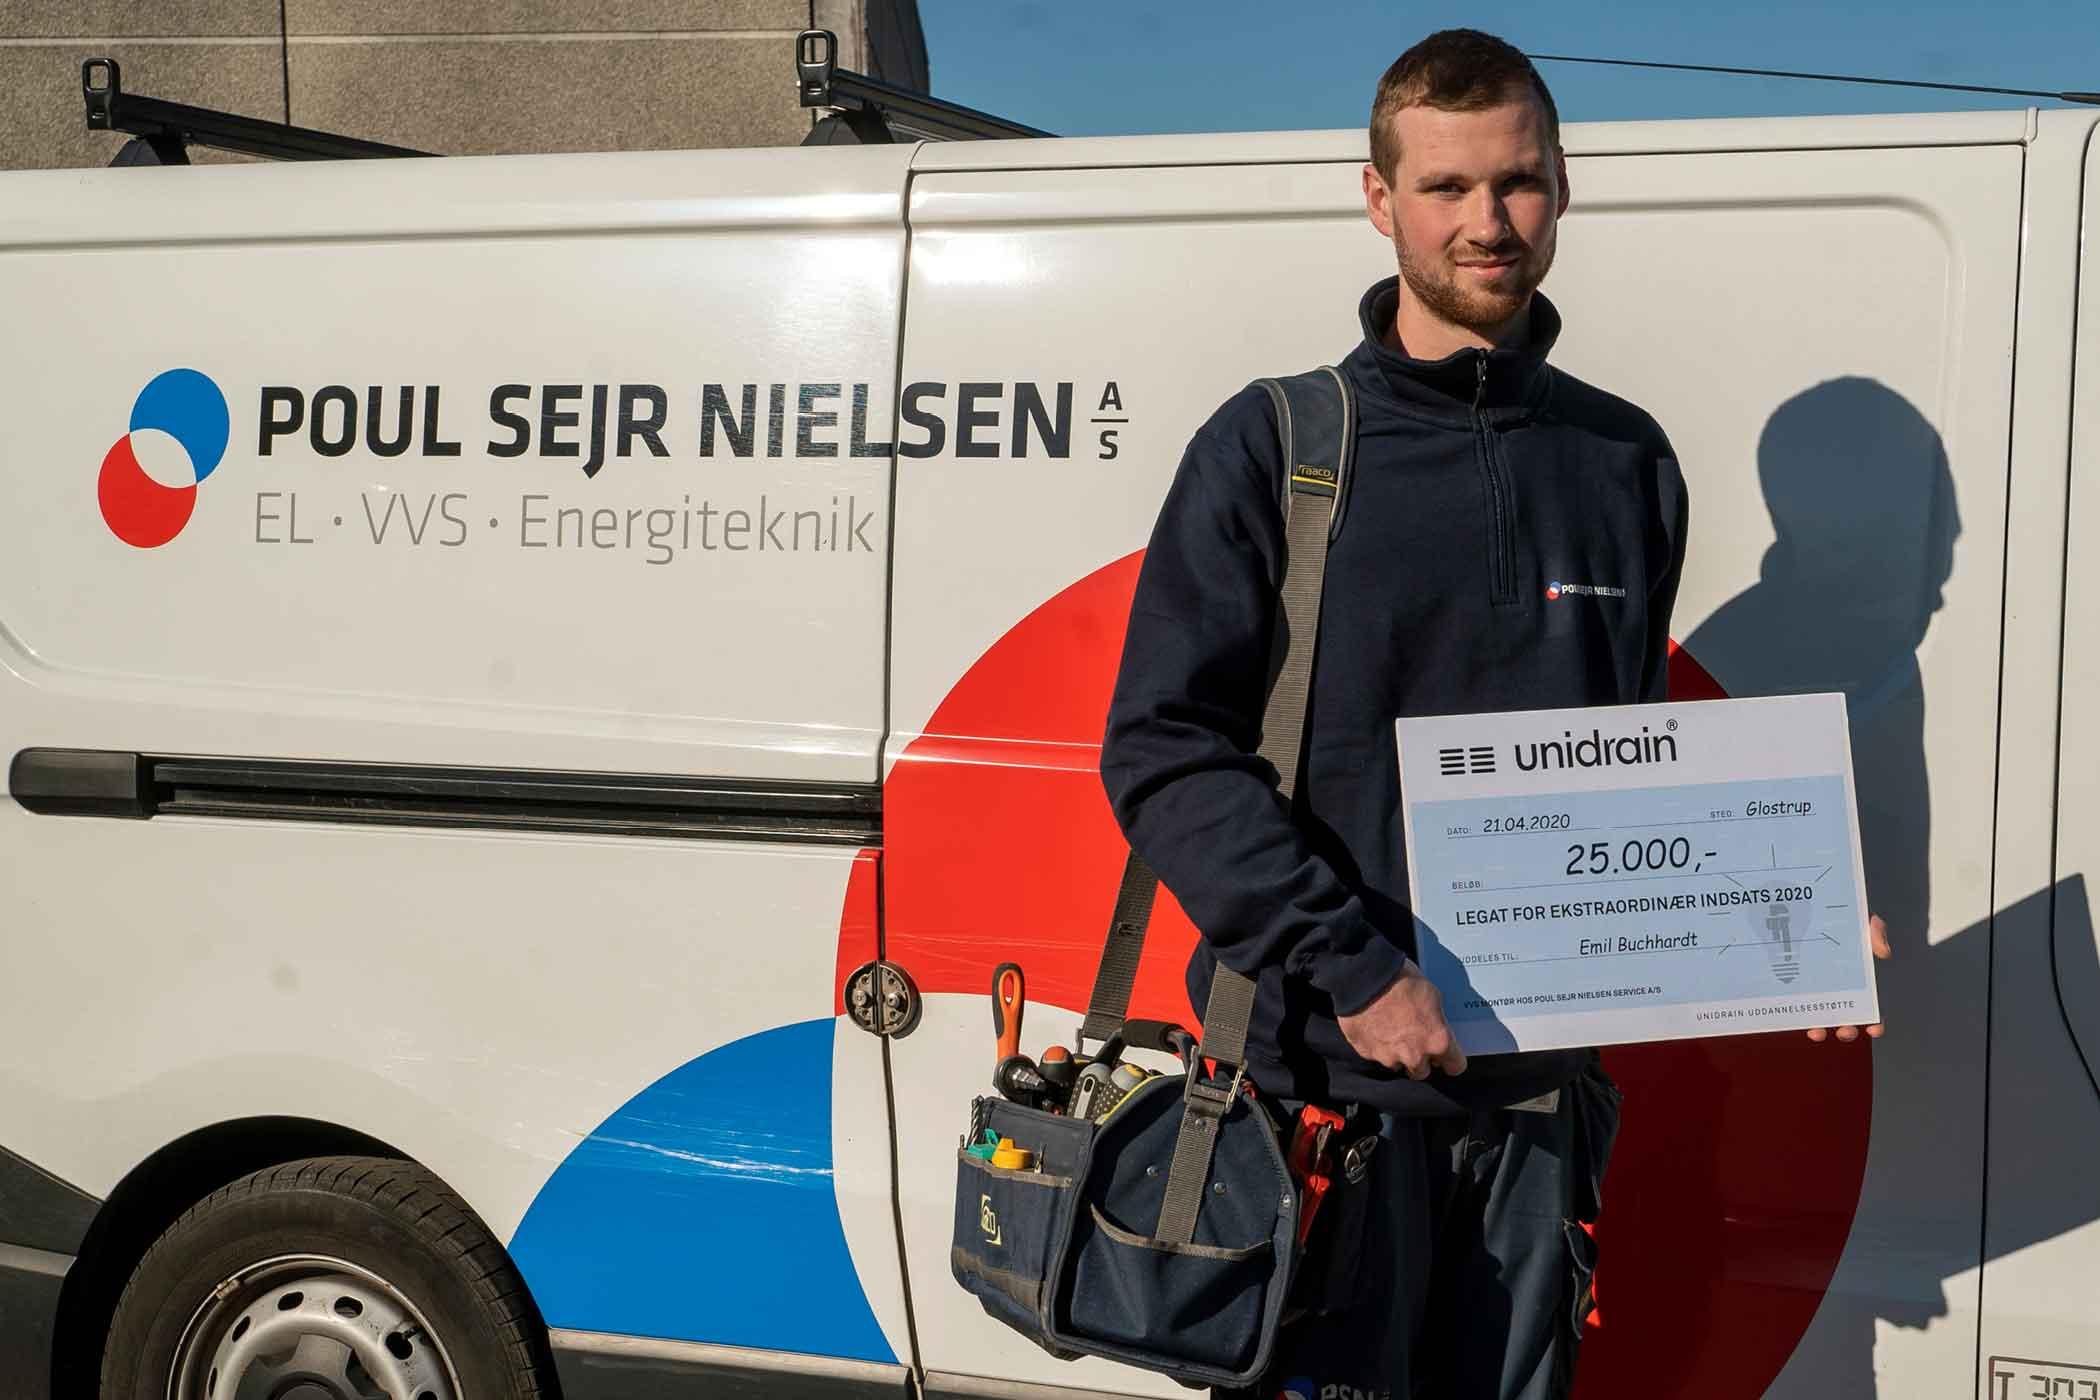 Talent hos Poul Sejr Nielsen vinder legat